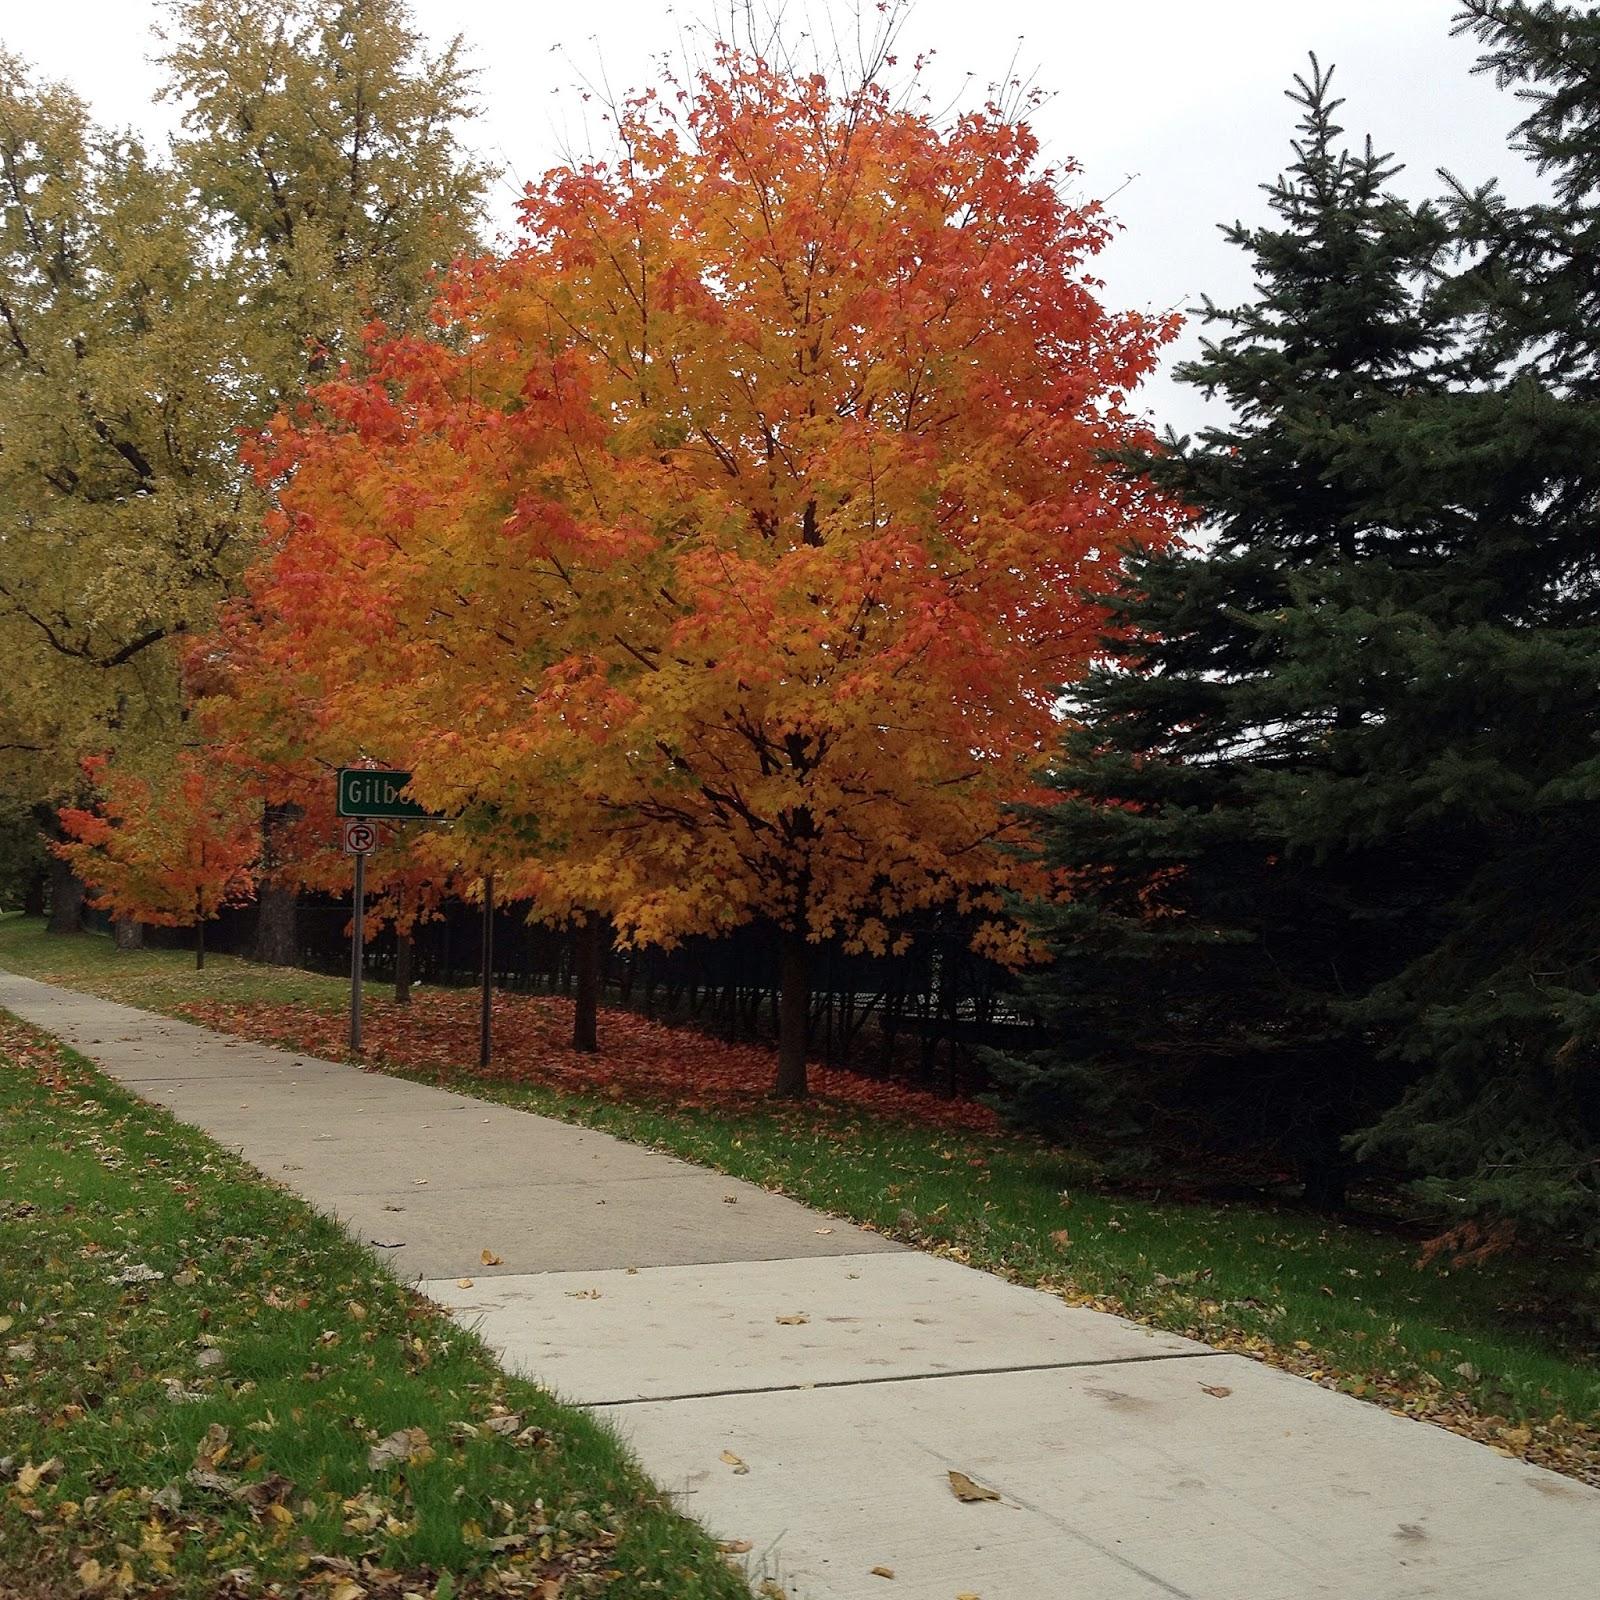 Beautiful Pure Michigan Fall Colors Autumn Foliage